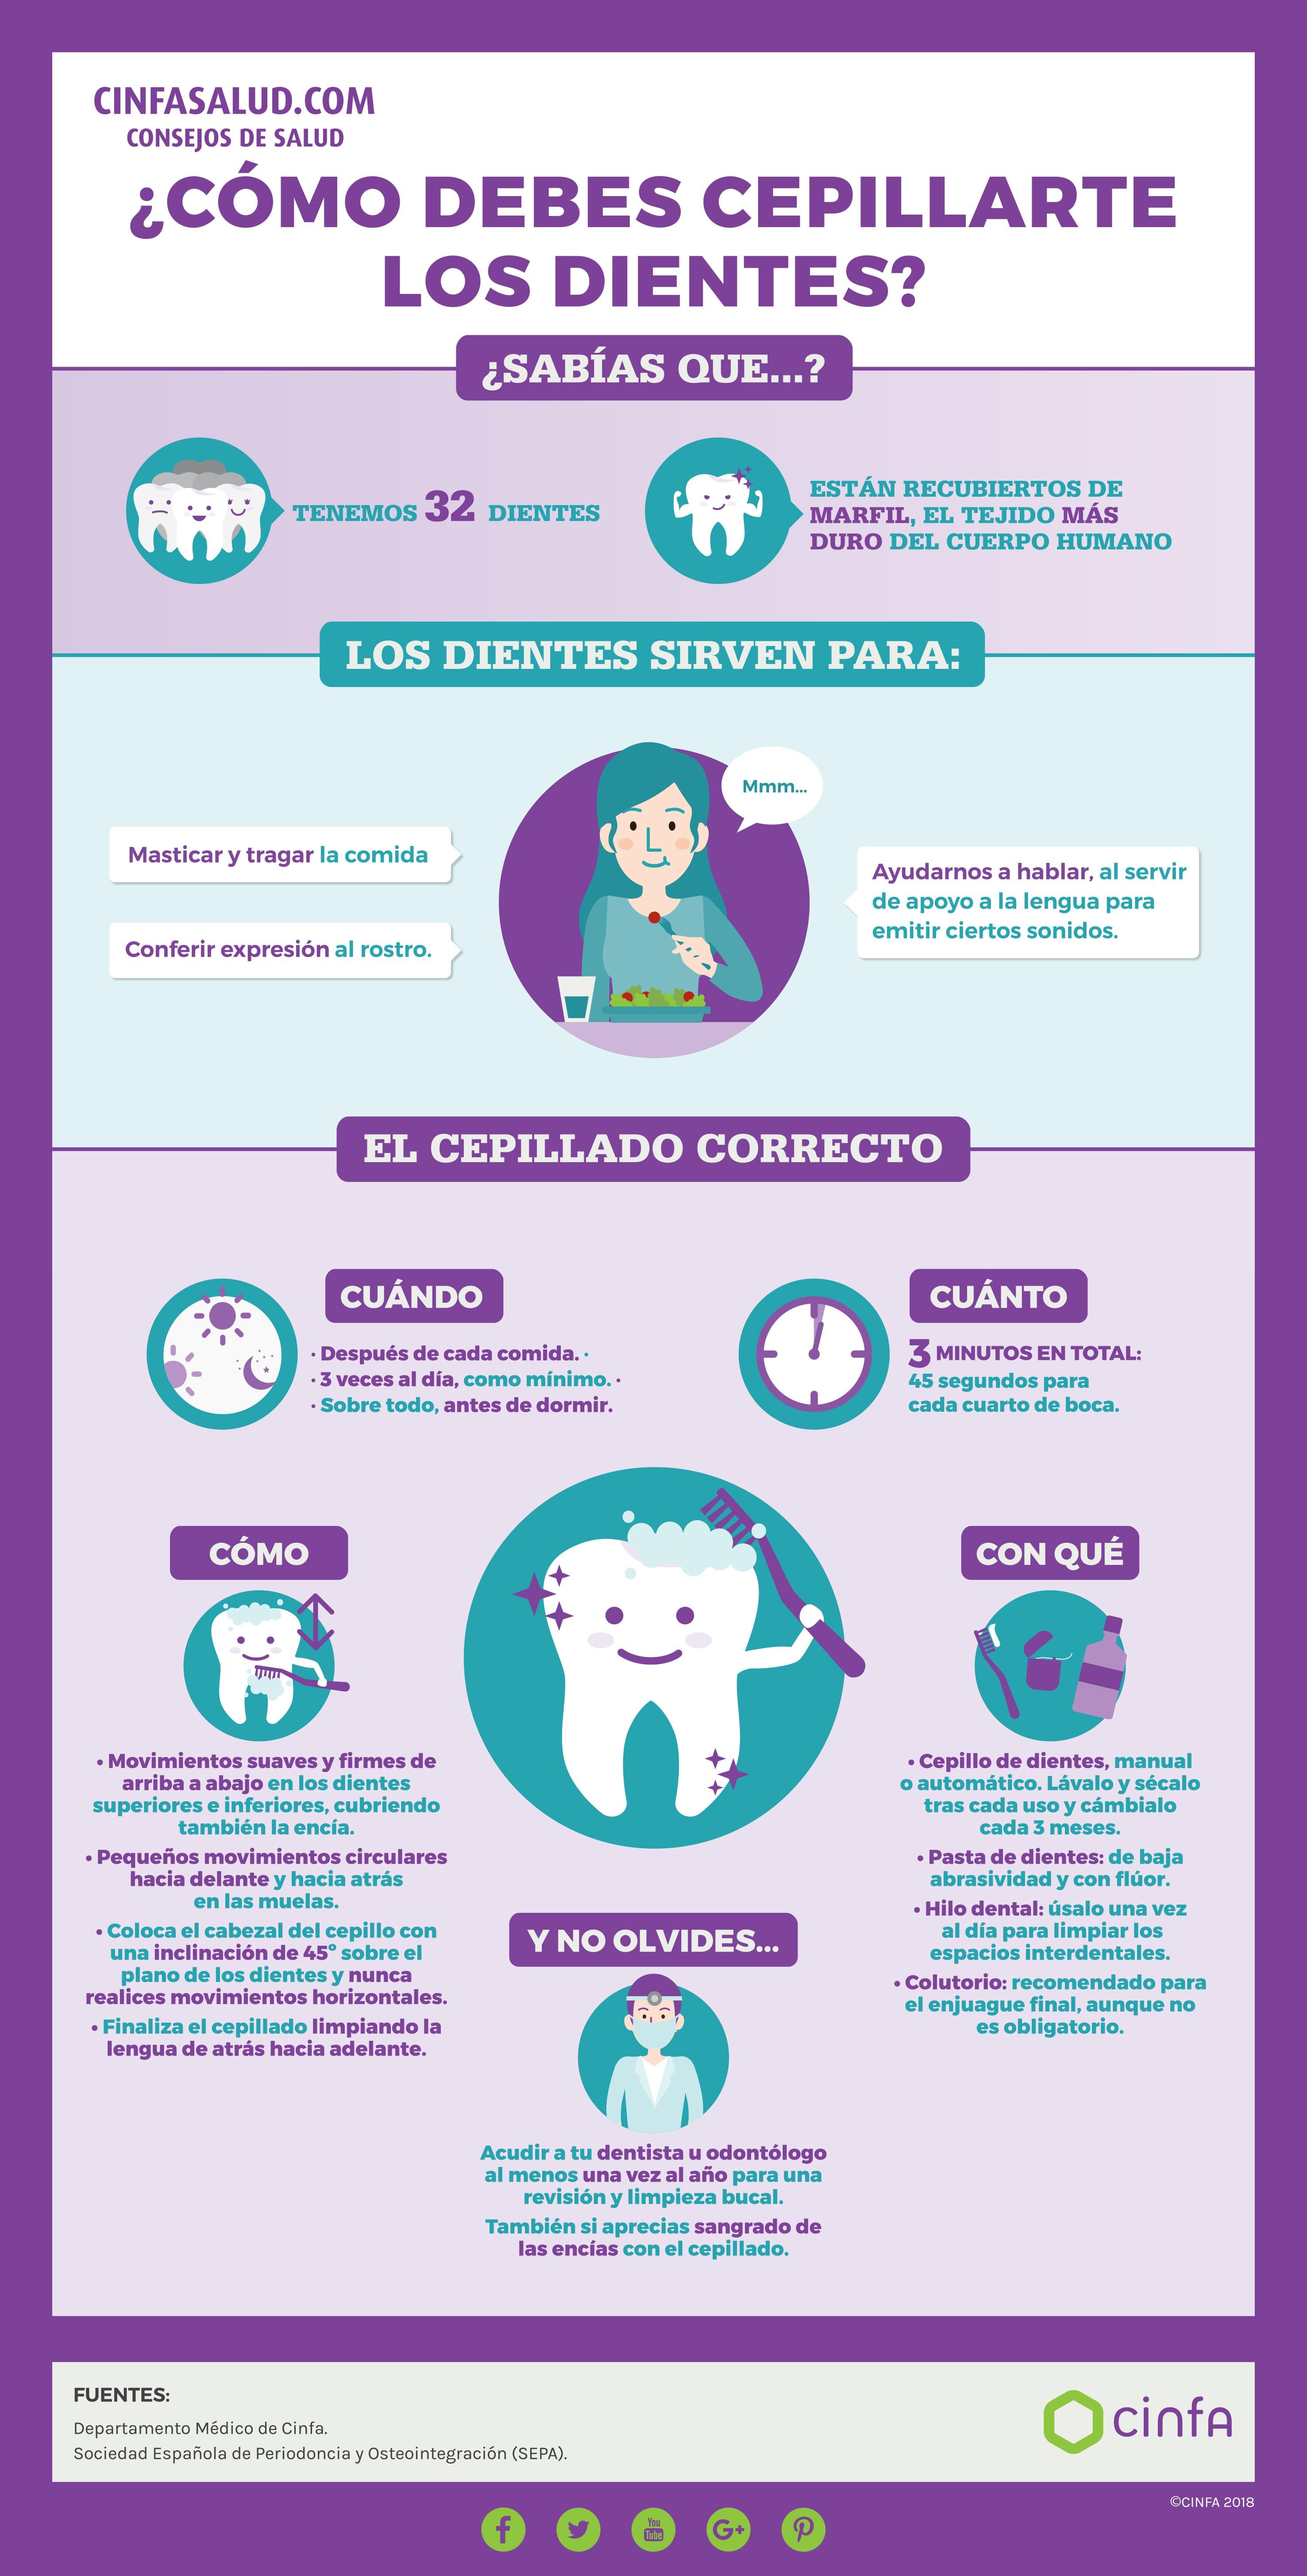 Cuidado Y Salud Bucodental Cinfasalud